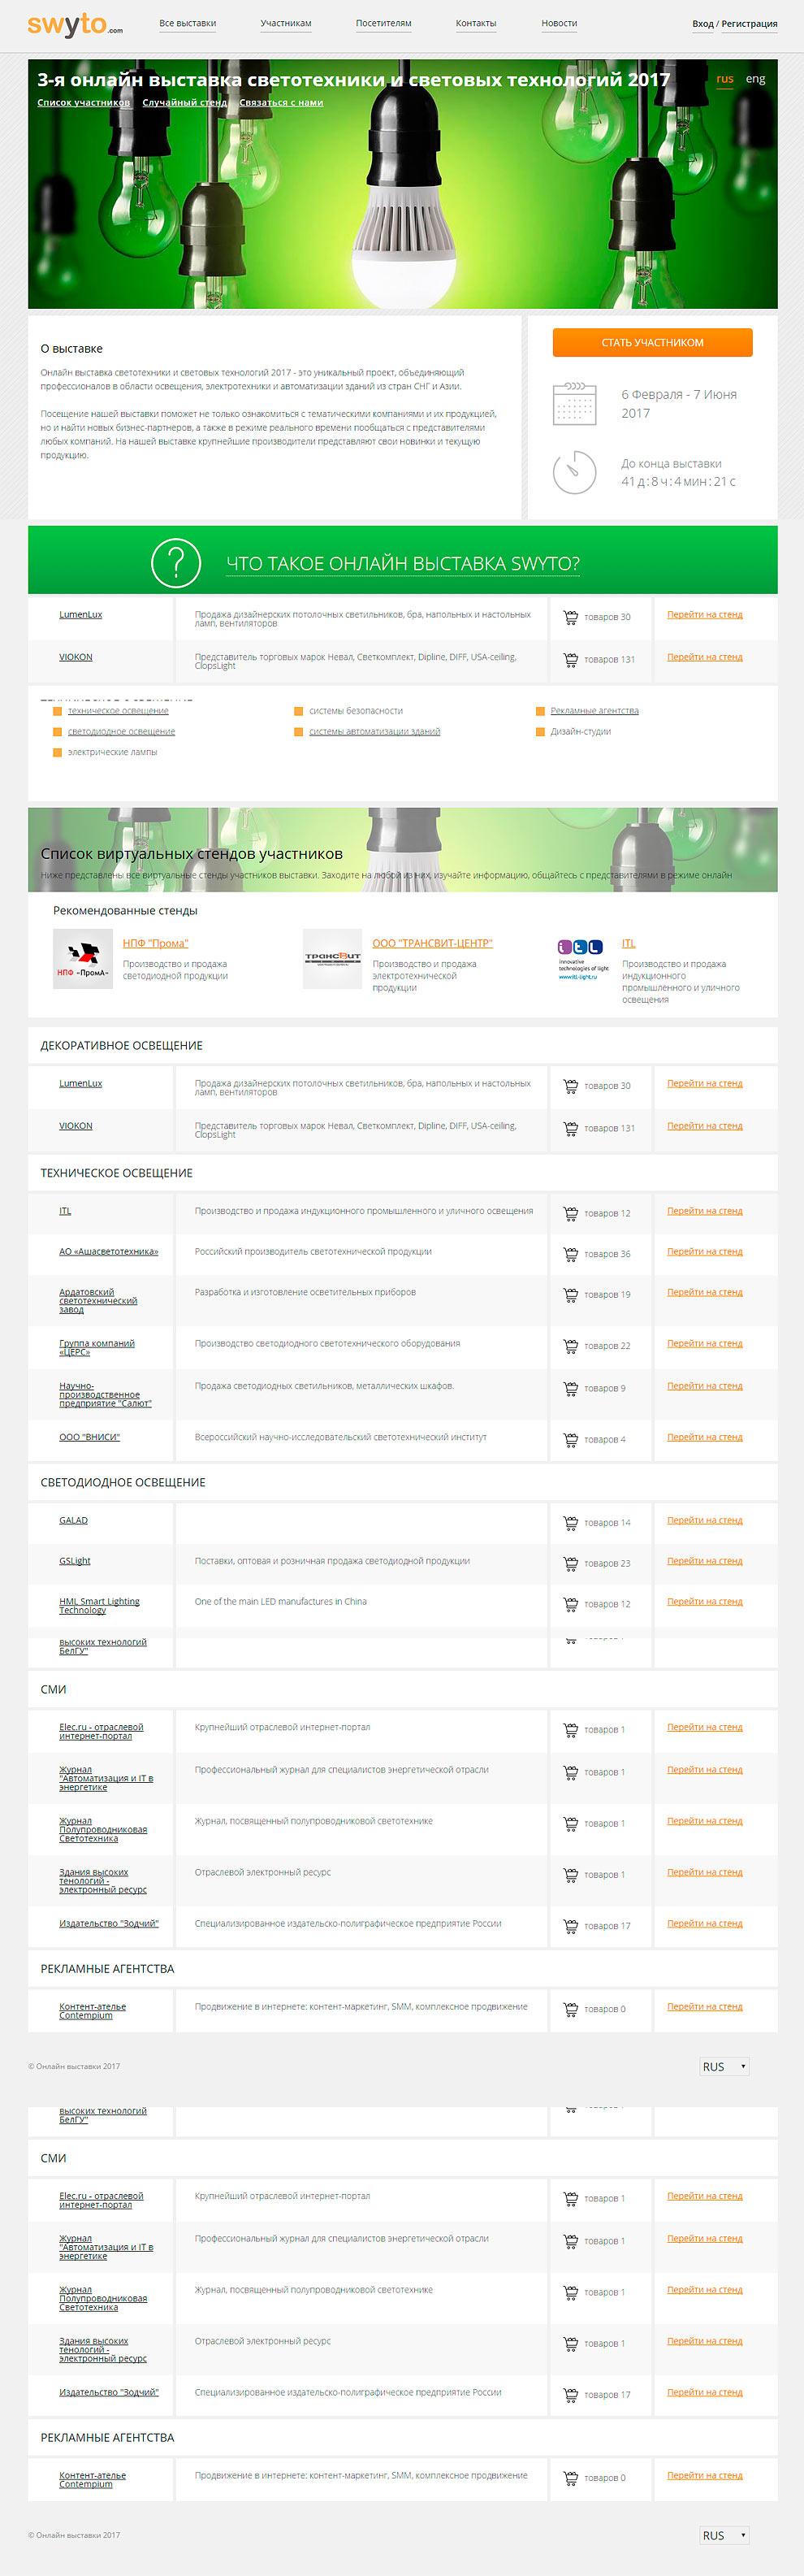 Страница онлайн выставки